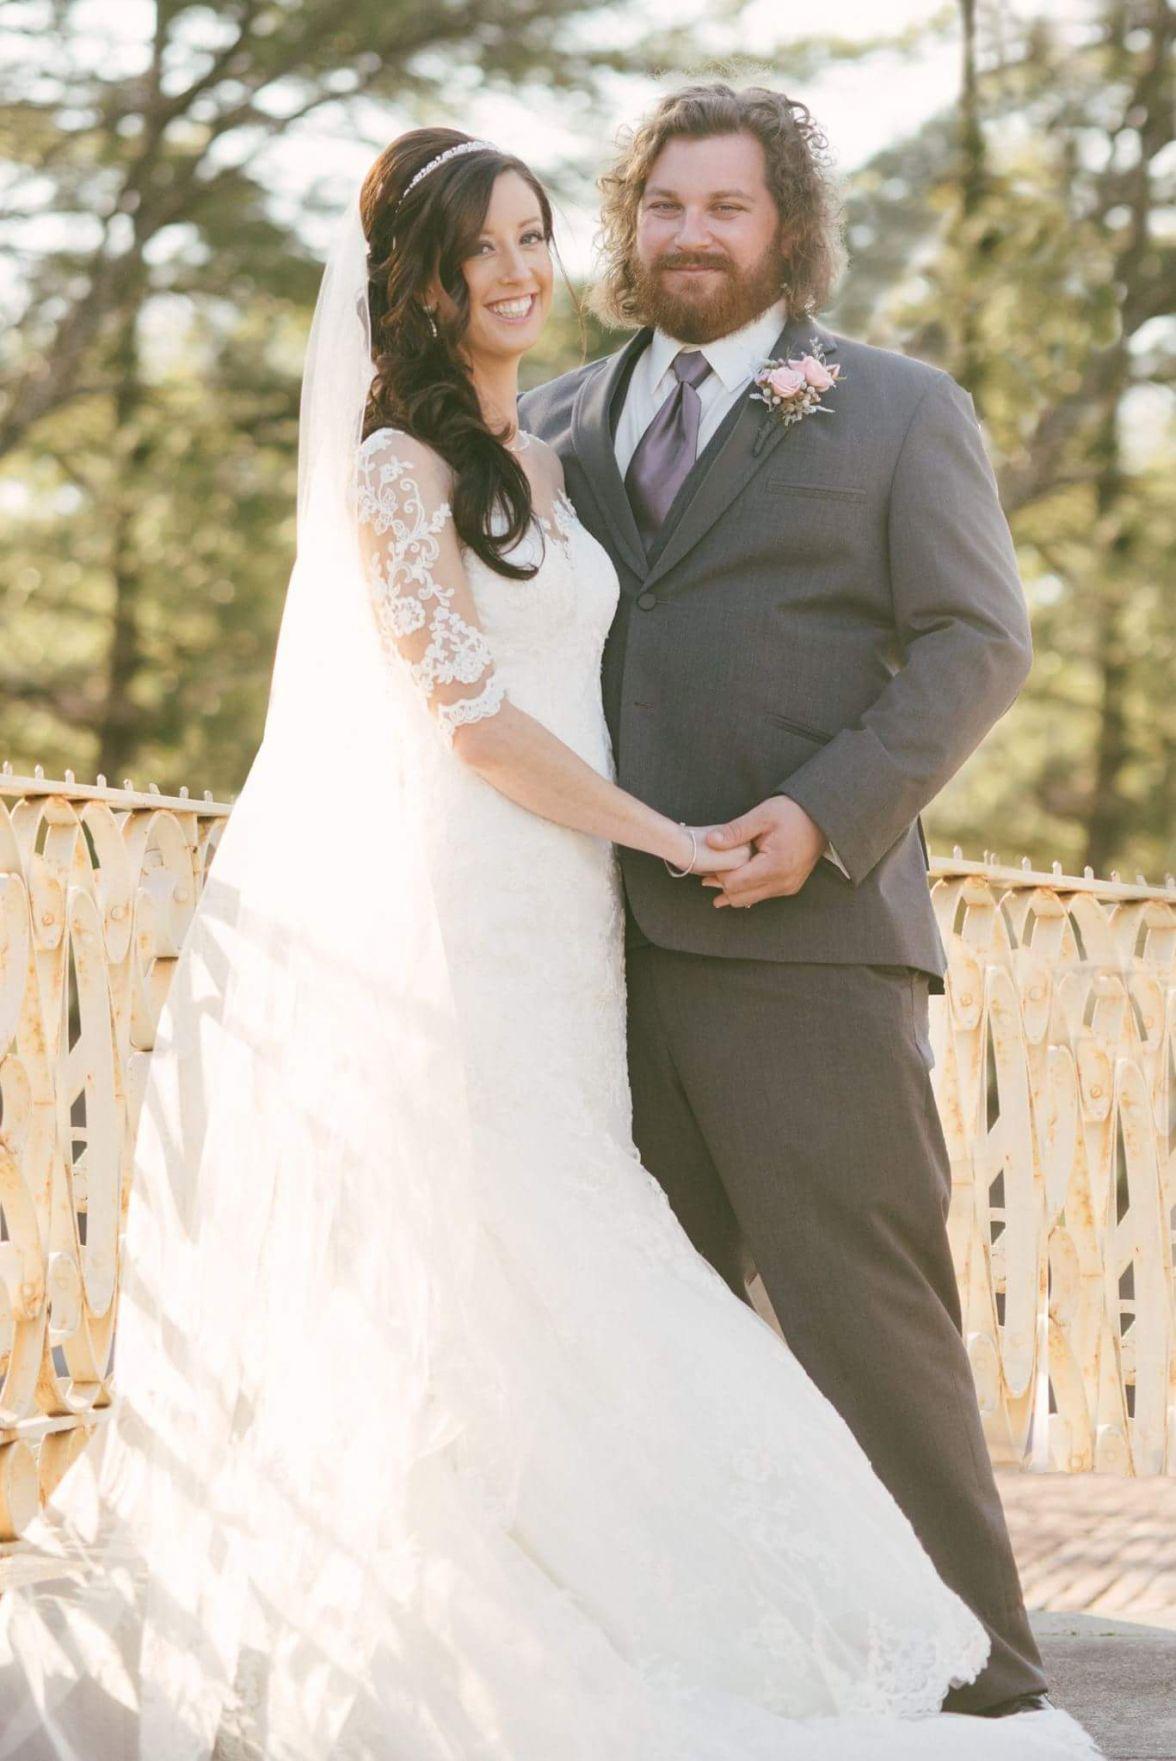 Ashley Elizabeth Rymer Weds Daniel Crowder   Living   greenevillesun.com